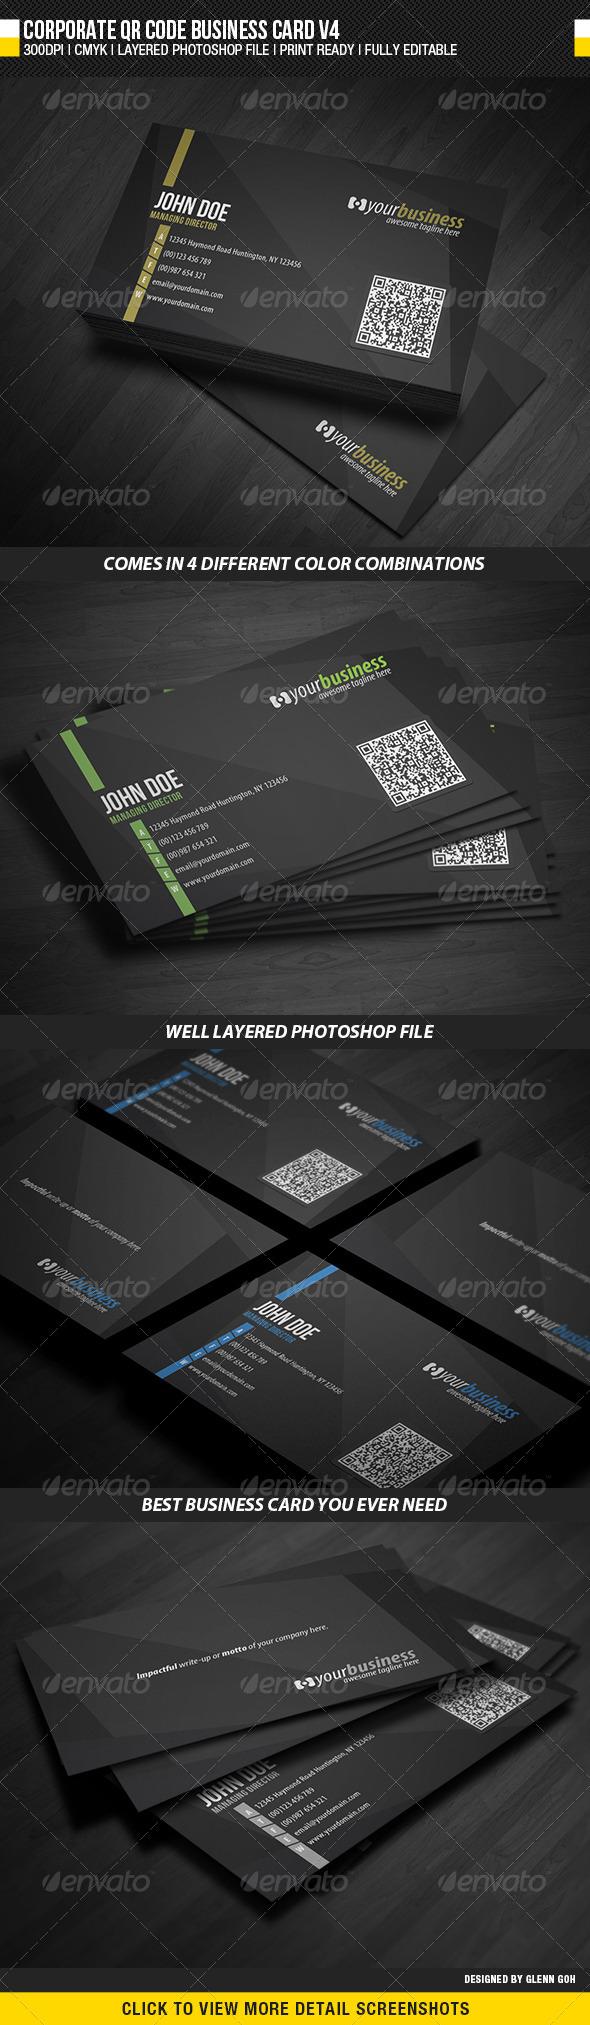 Qr Code Business Card Template